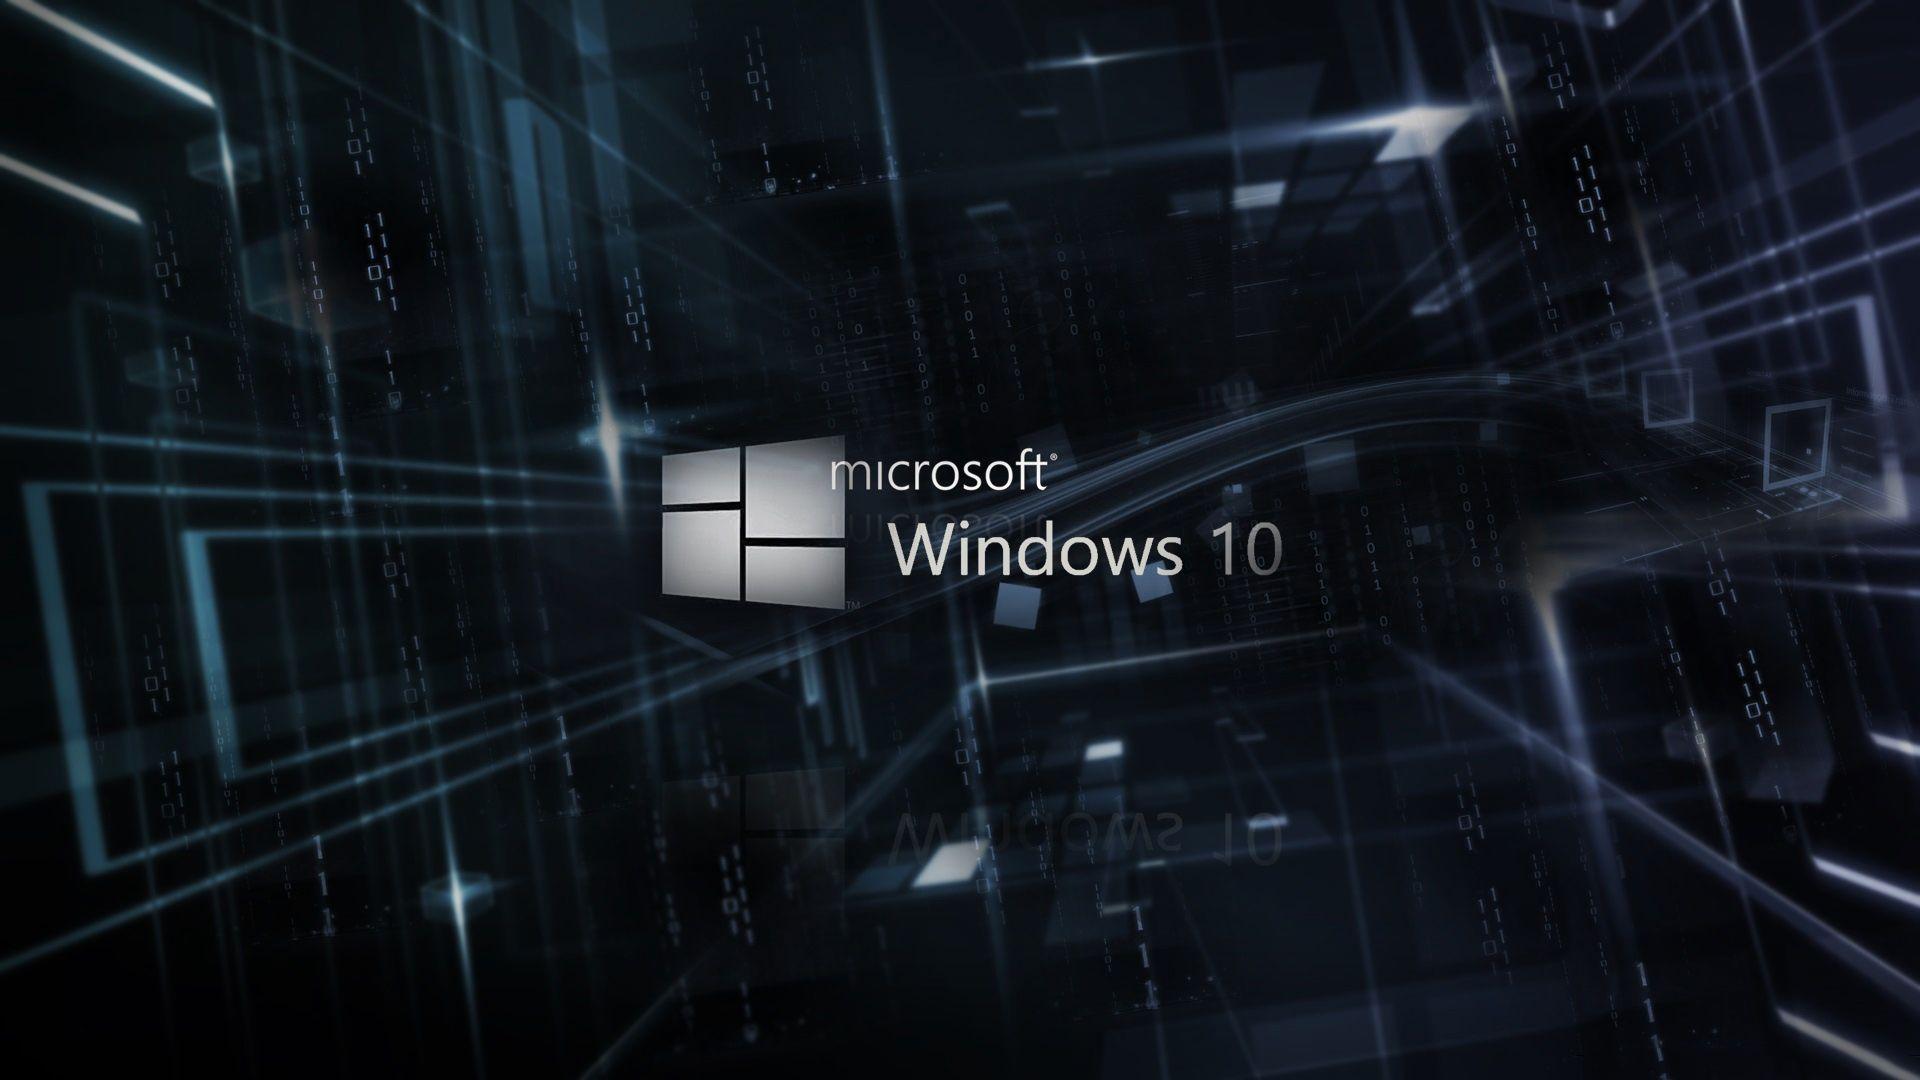 Windows 10 Logo Desktop Wallpaper Hd Newwallpaperhd Com